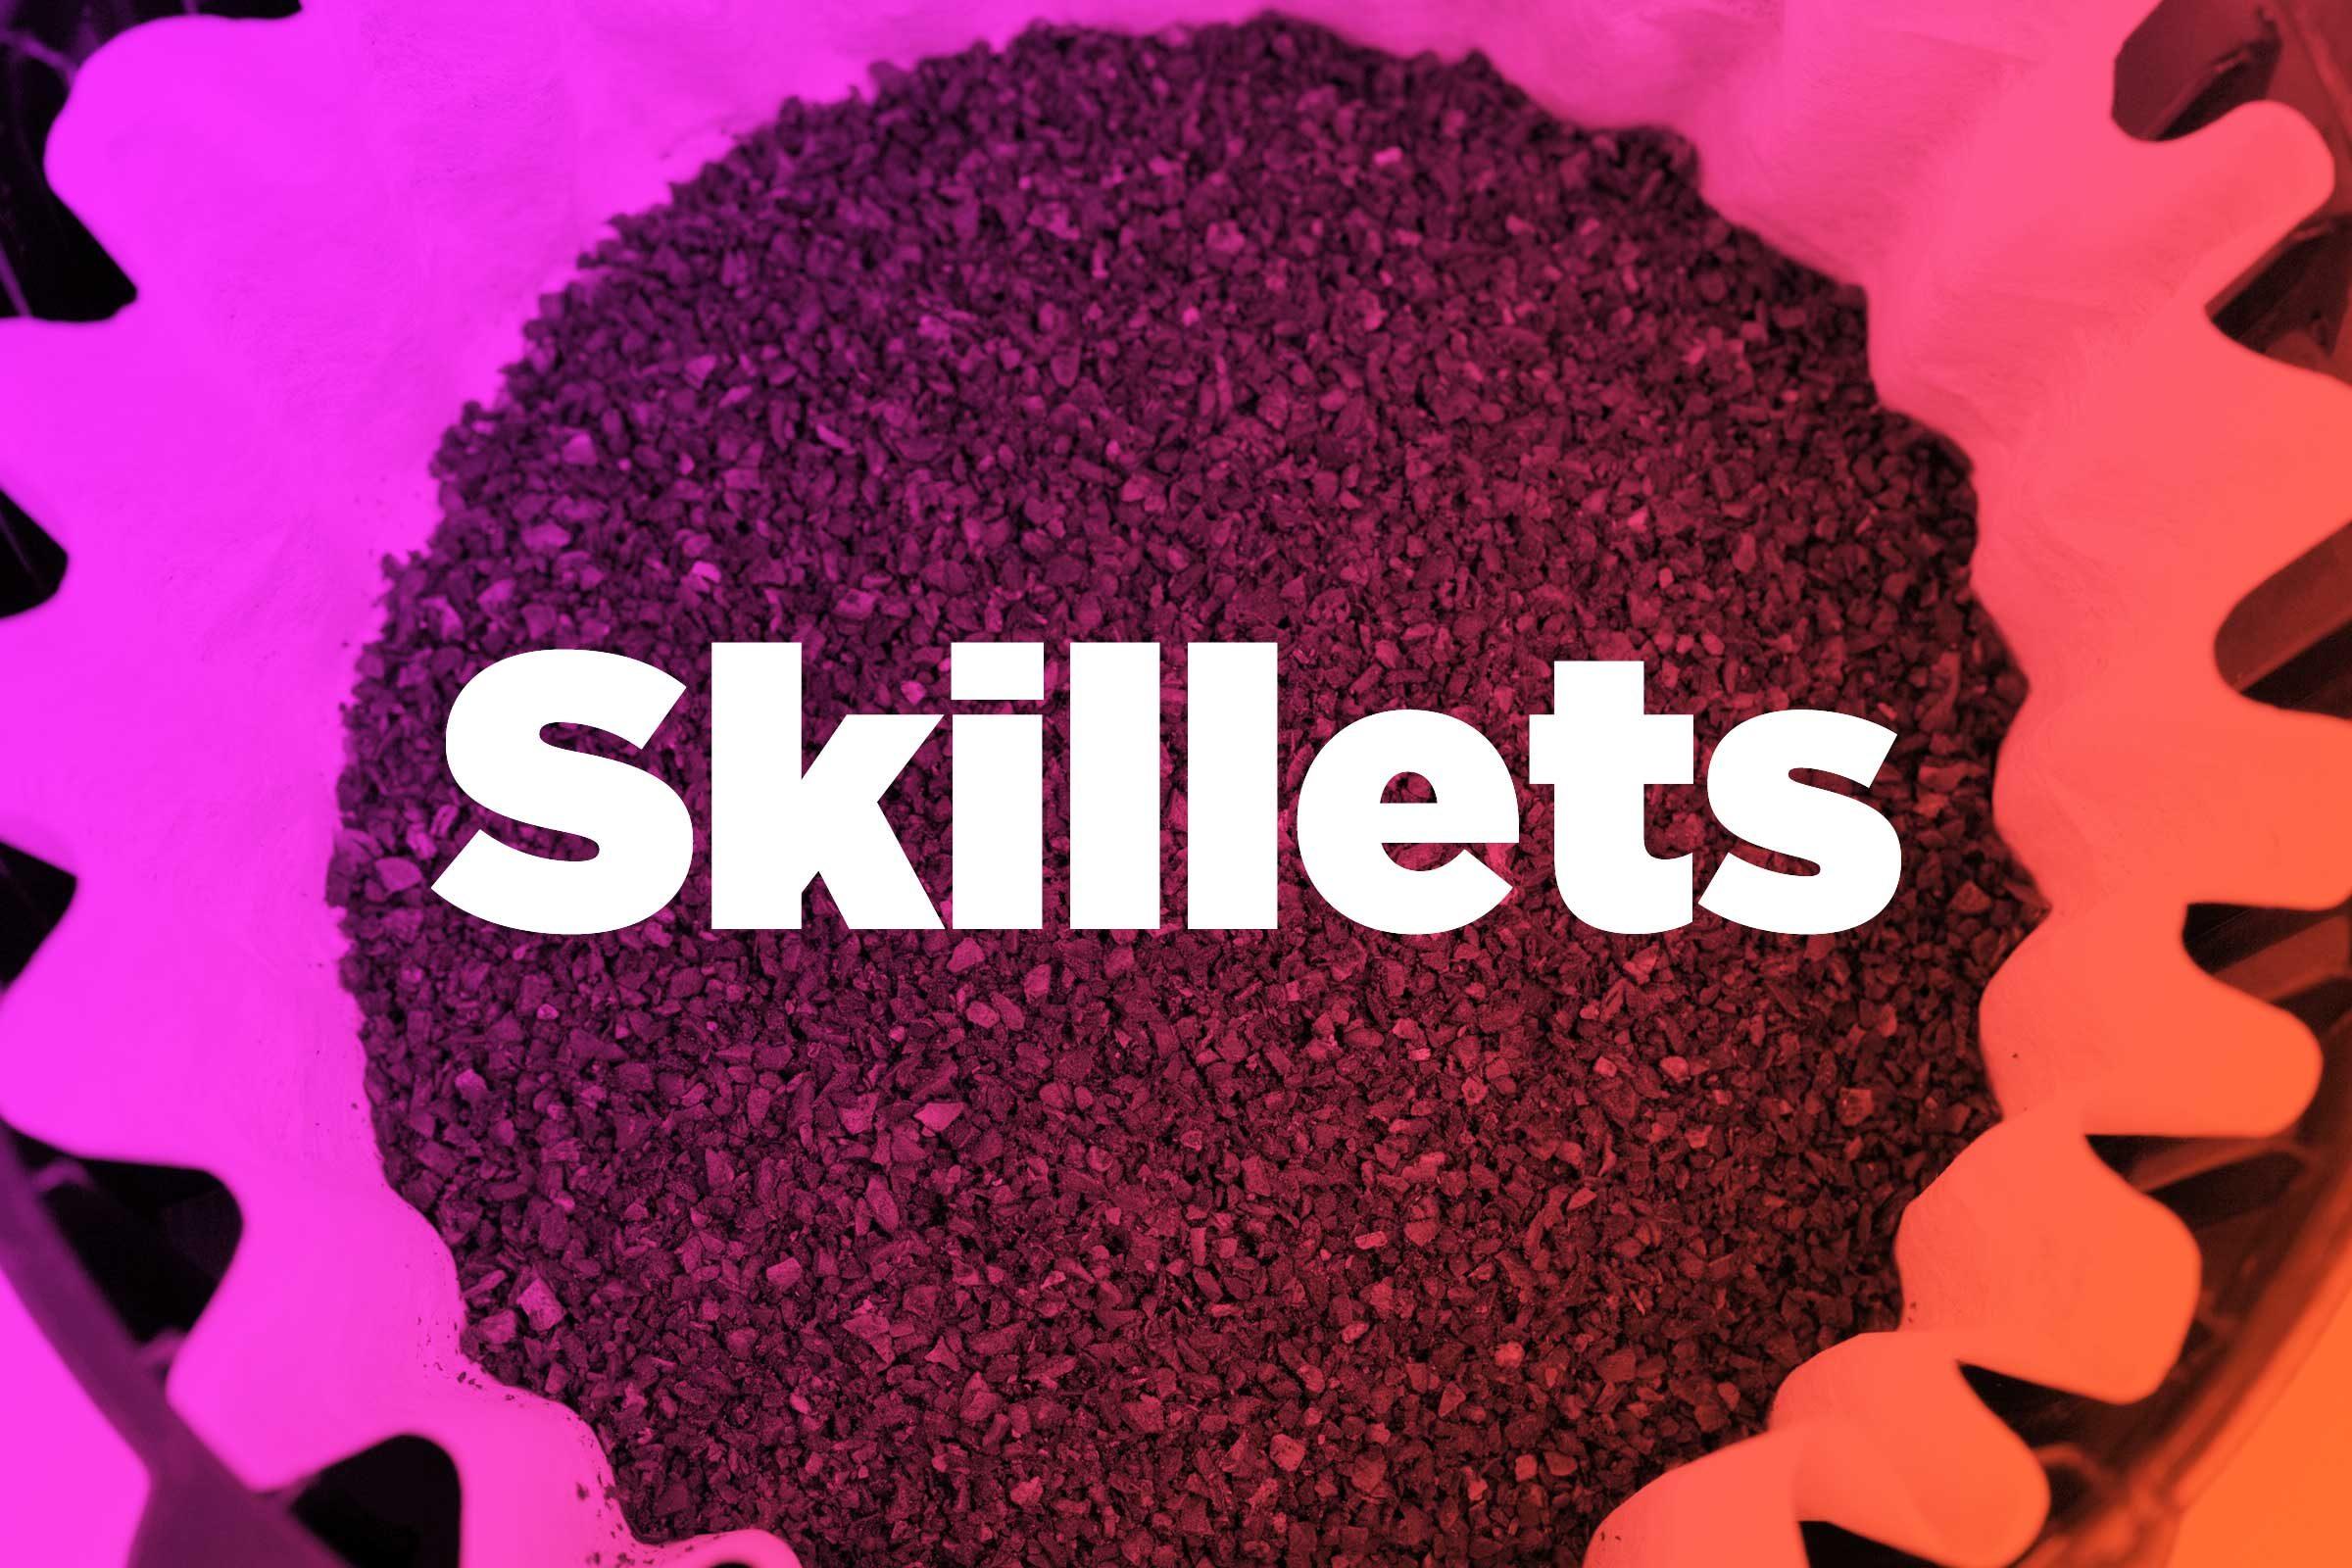 Keep skillets rust-free